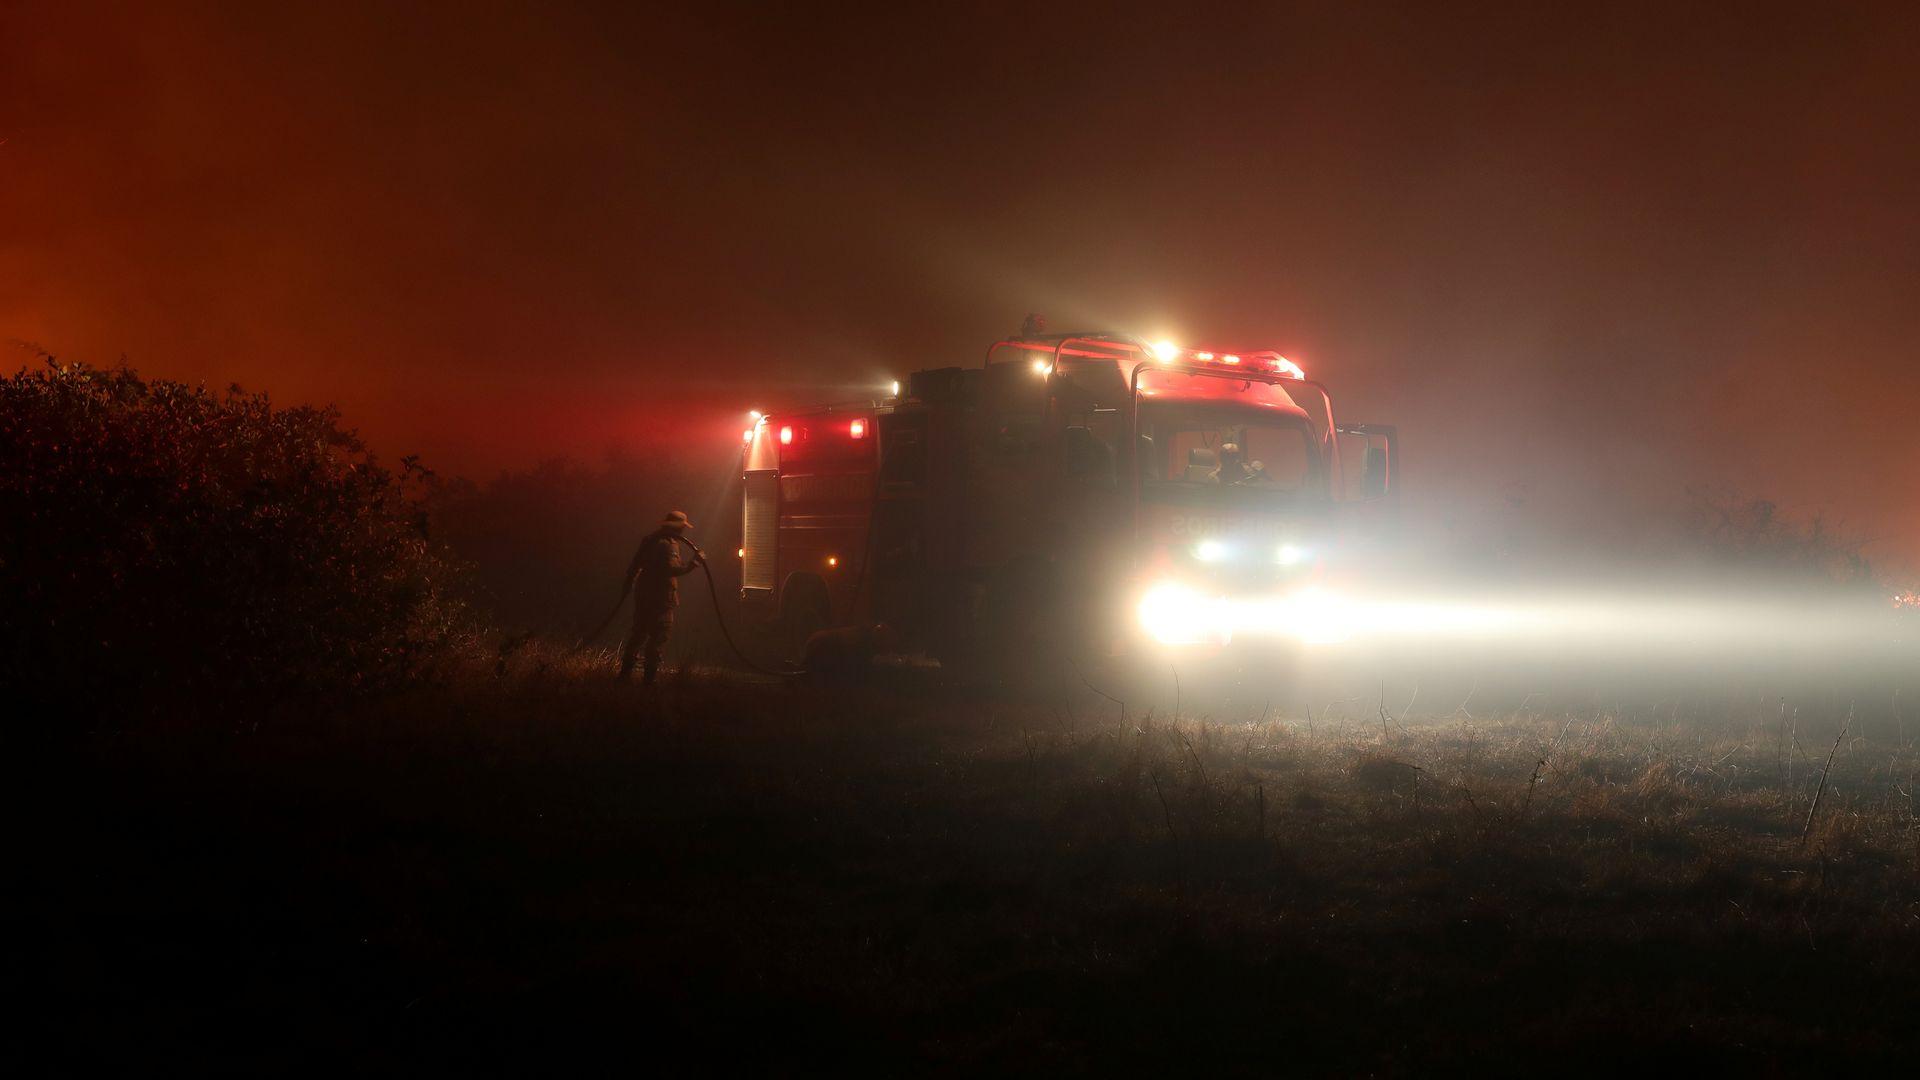 Bombeiro segura uma mangueira enquanto tenta apagar um incêndio em uma fazenda no Pantanal, a maior área úmida do mundo, em Pocone, Mato Grosso, Brasil, 26 de agosto de 2020. REUTERS / Amanda Perobelli PROCURE